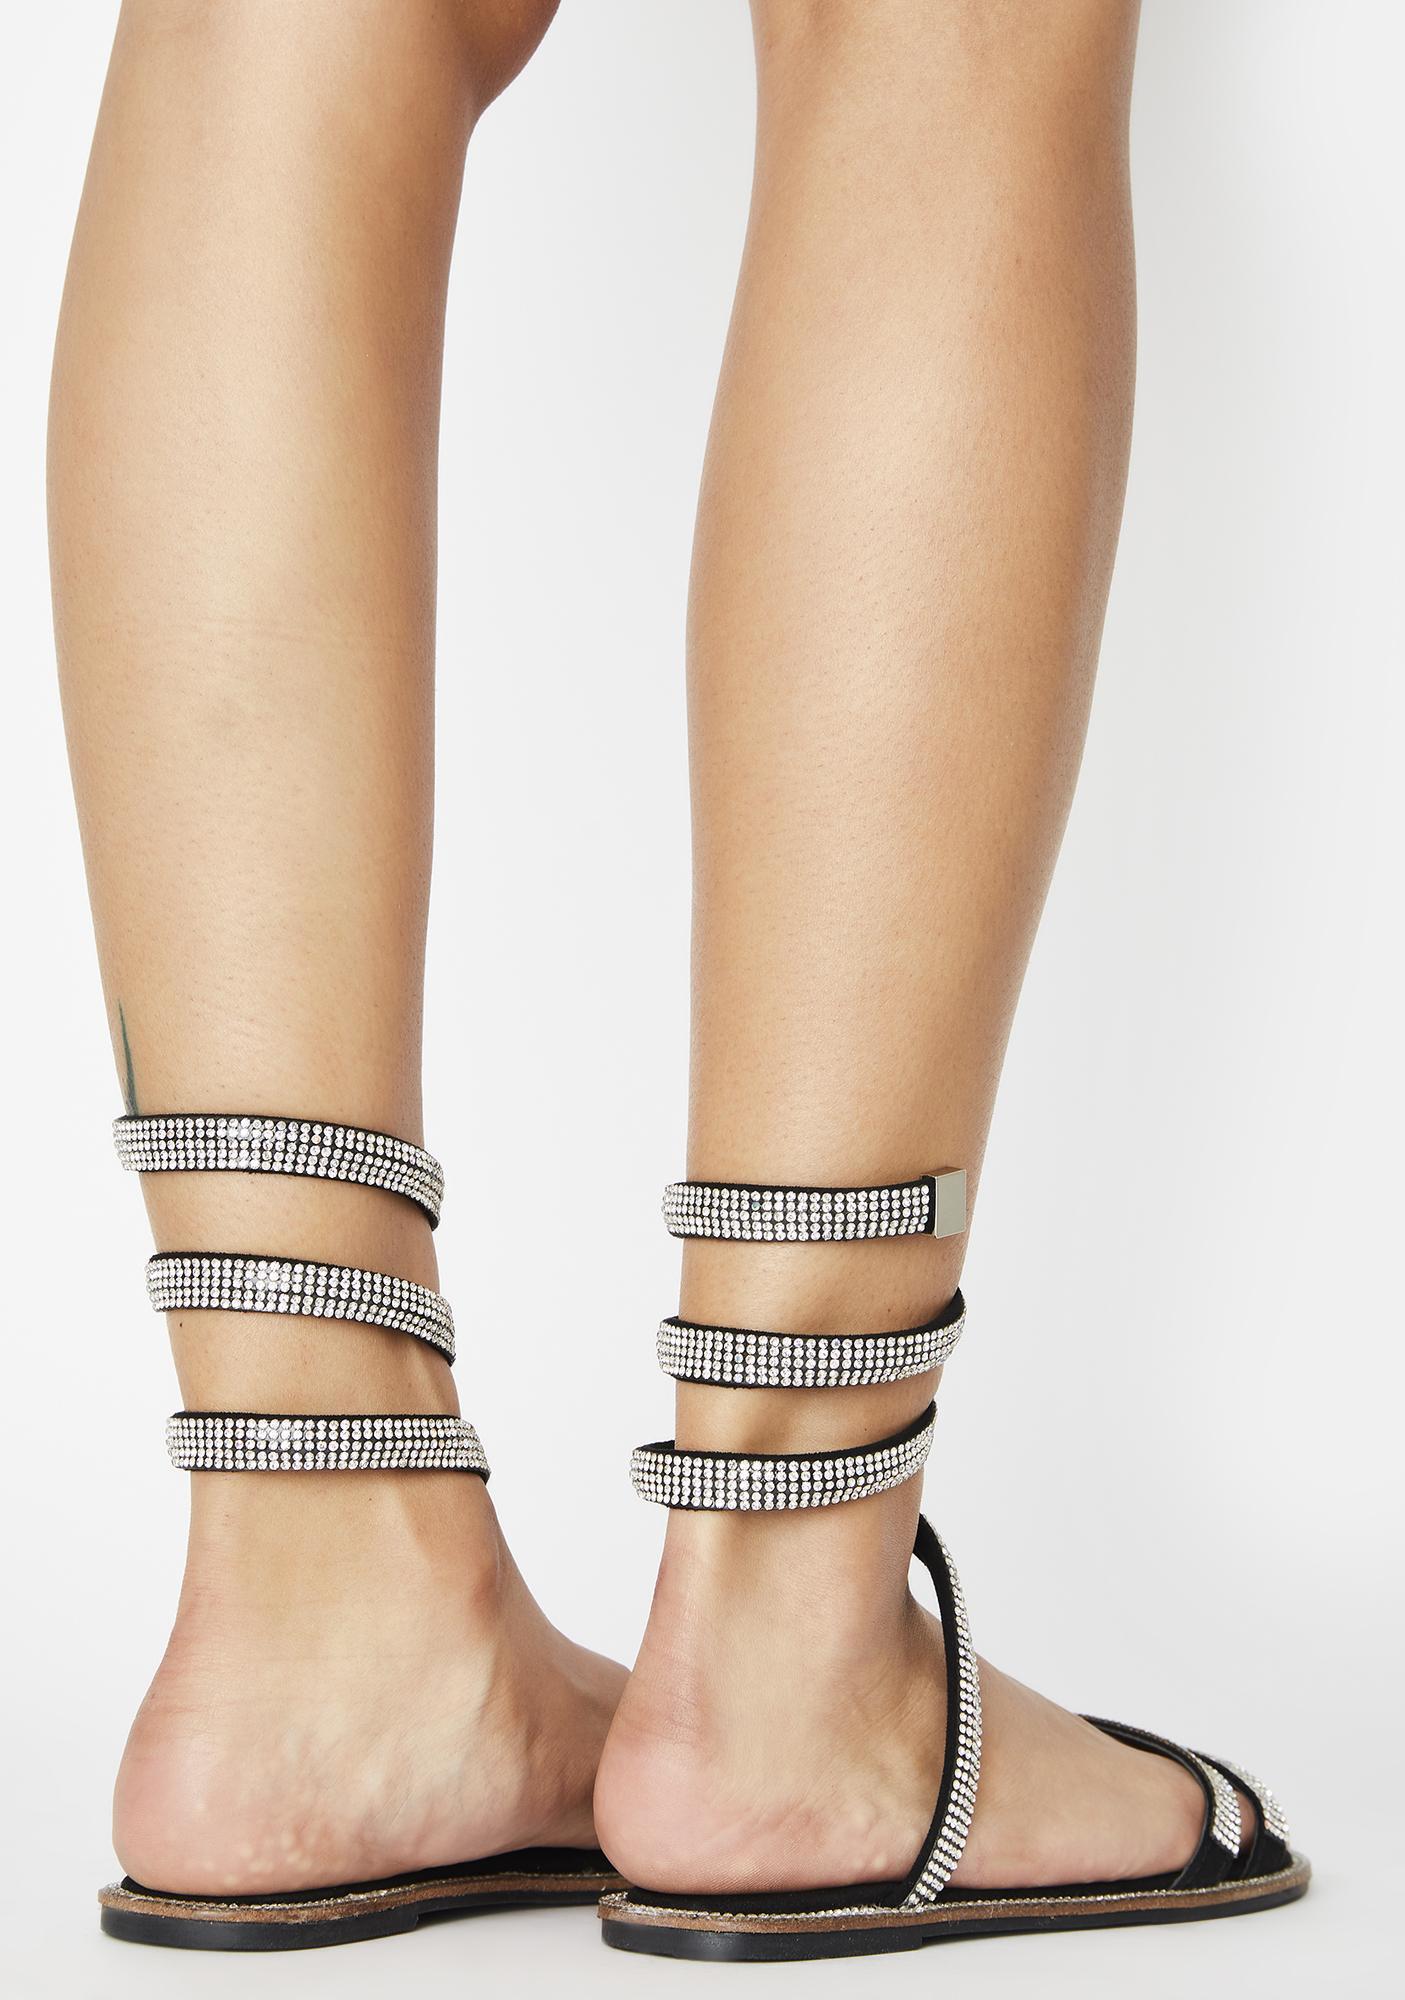 AZALEA WANG Blame Rhinestone Sandals